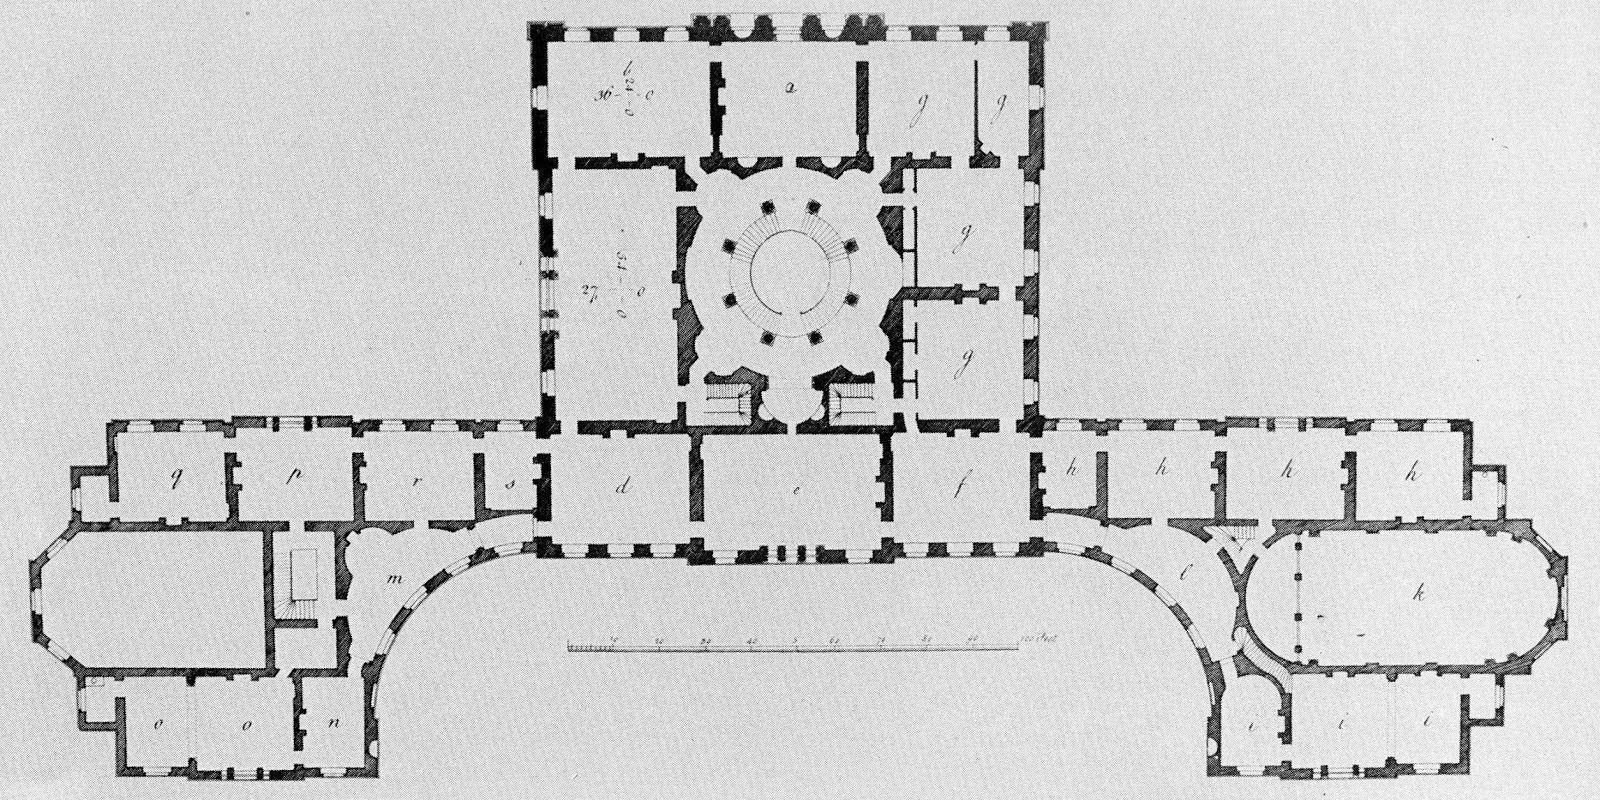 Wardour Castle Original Main Floor Plan Castle Floor Plan Architectural Floor Plans Vintage House Plans